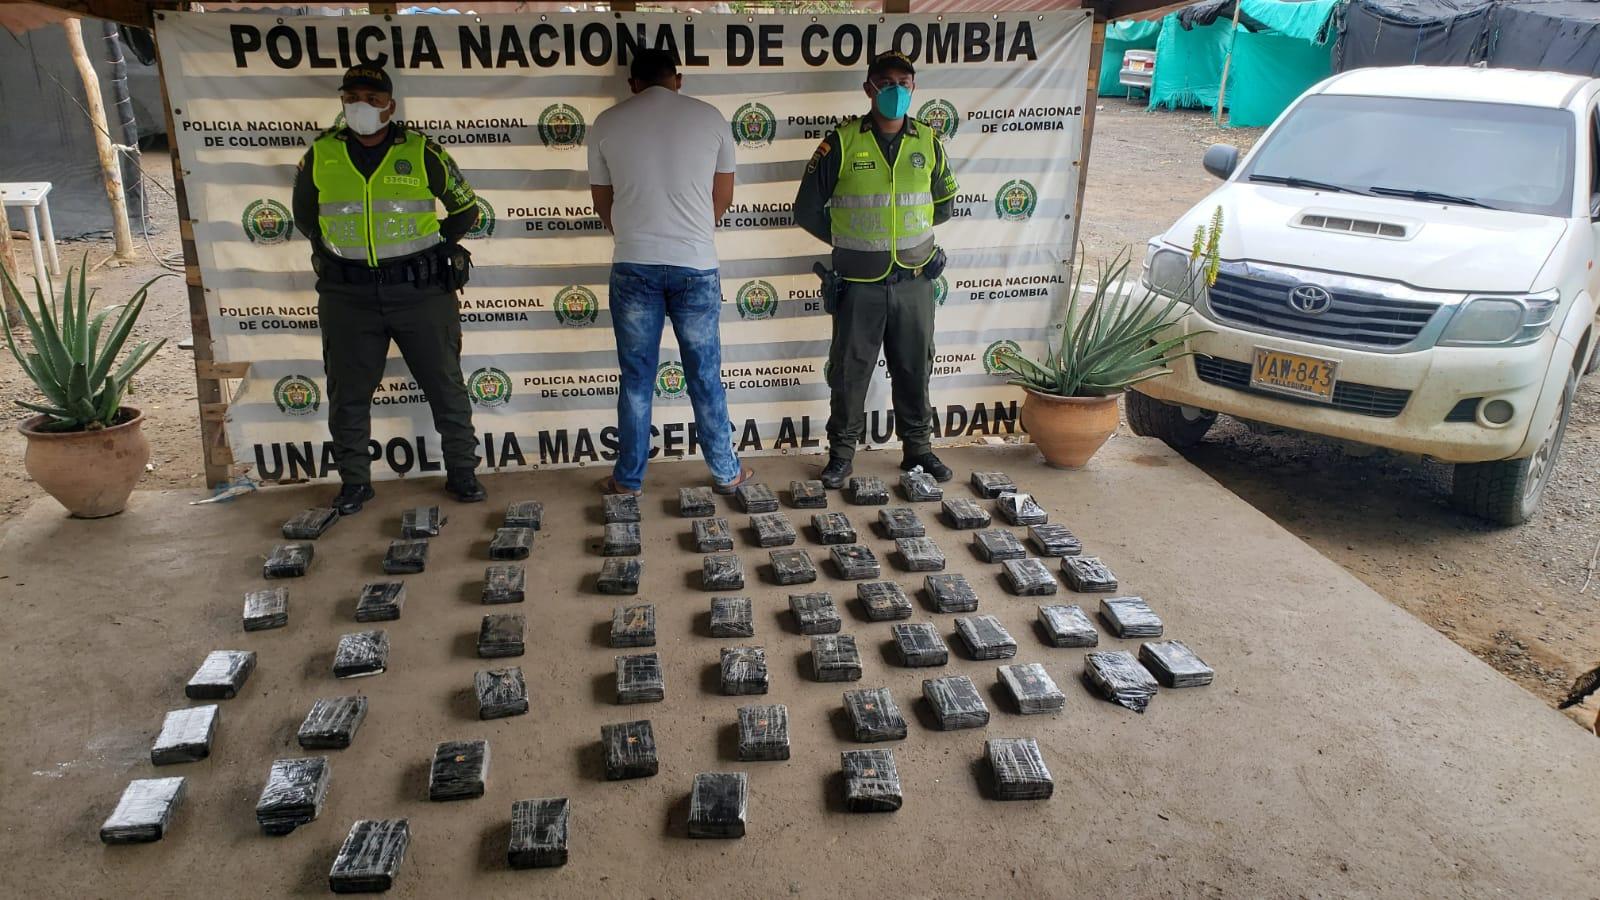 hoyennoticia.com, Llevaba 72.3 kilos de coca